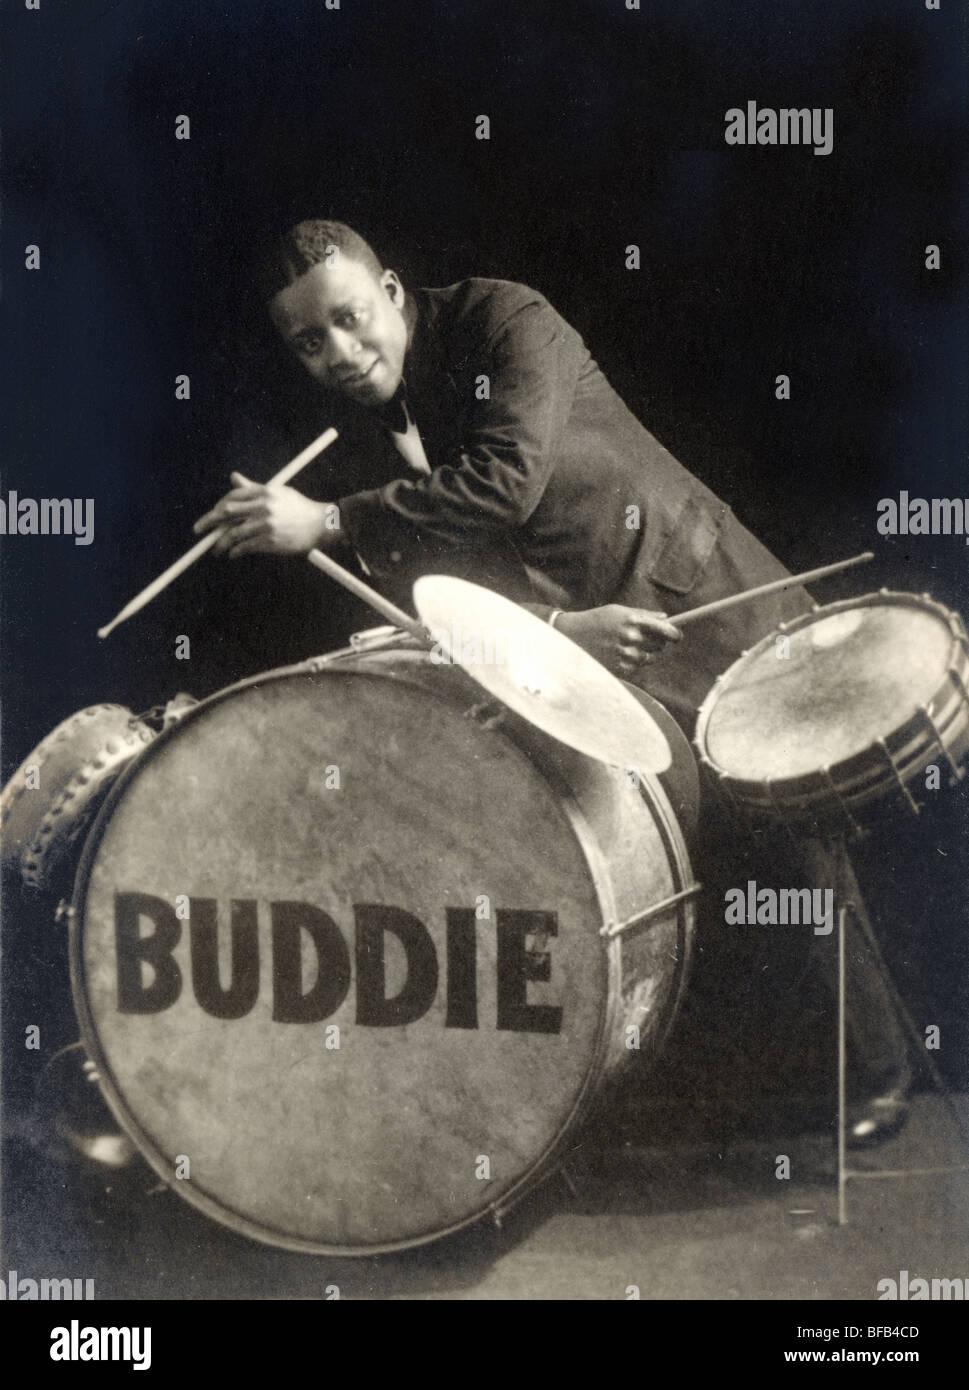 Buddie il batterista jazz Immagini Stock